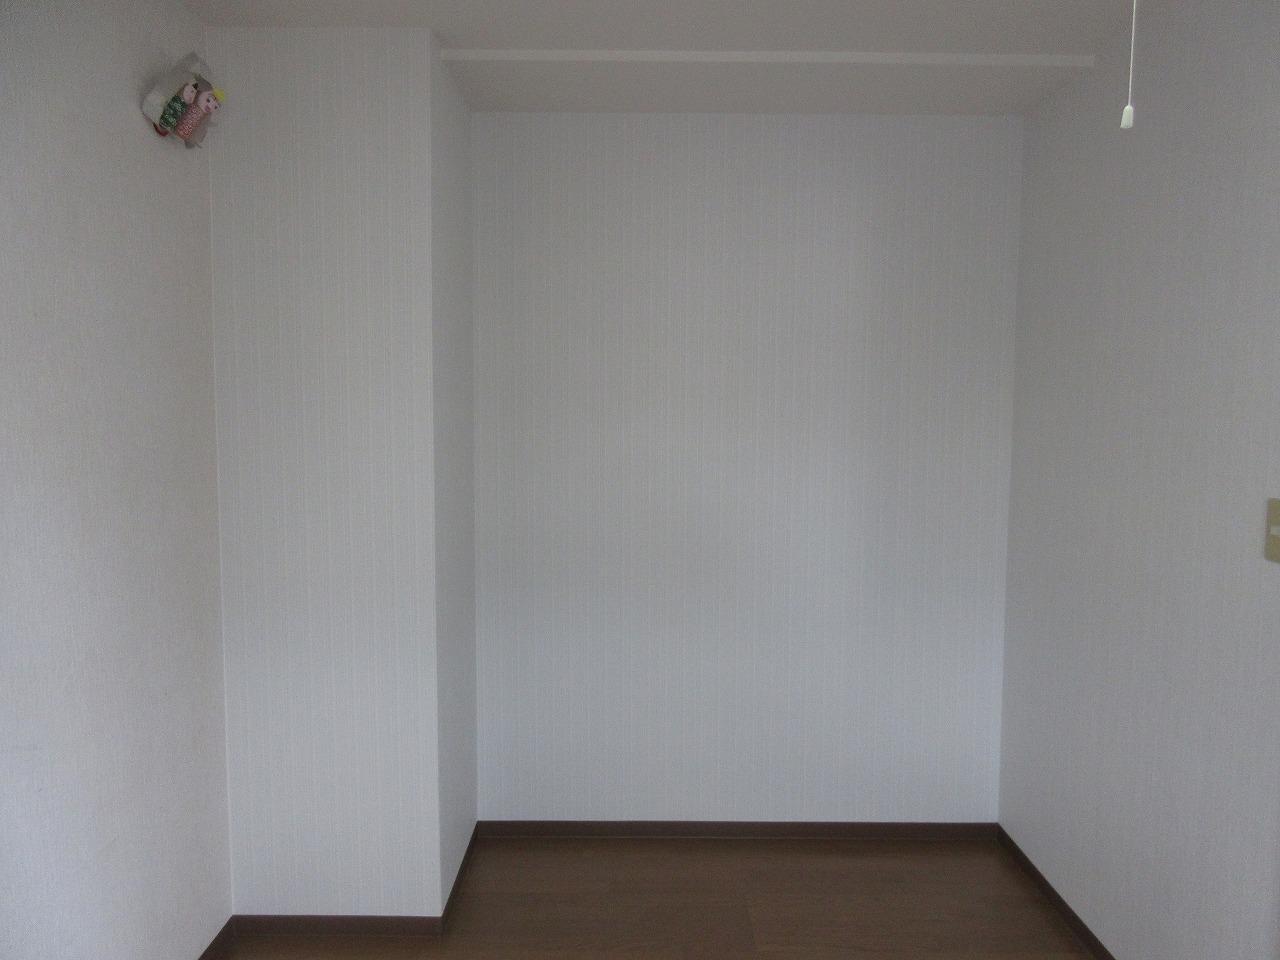 ユニットトイレから収納スペースへ変更(リフォーム施工事例)を公開しました。   沖縄や那覇でリフォームするなら【株式会社 あうん工房】